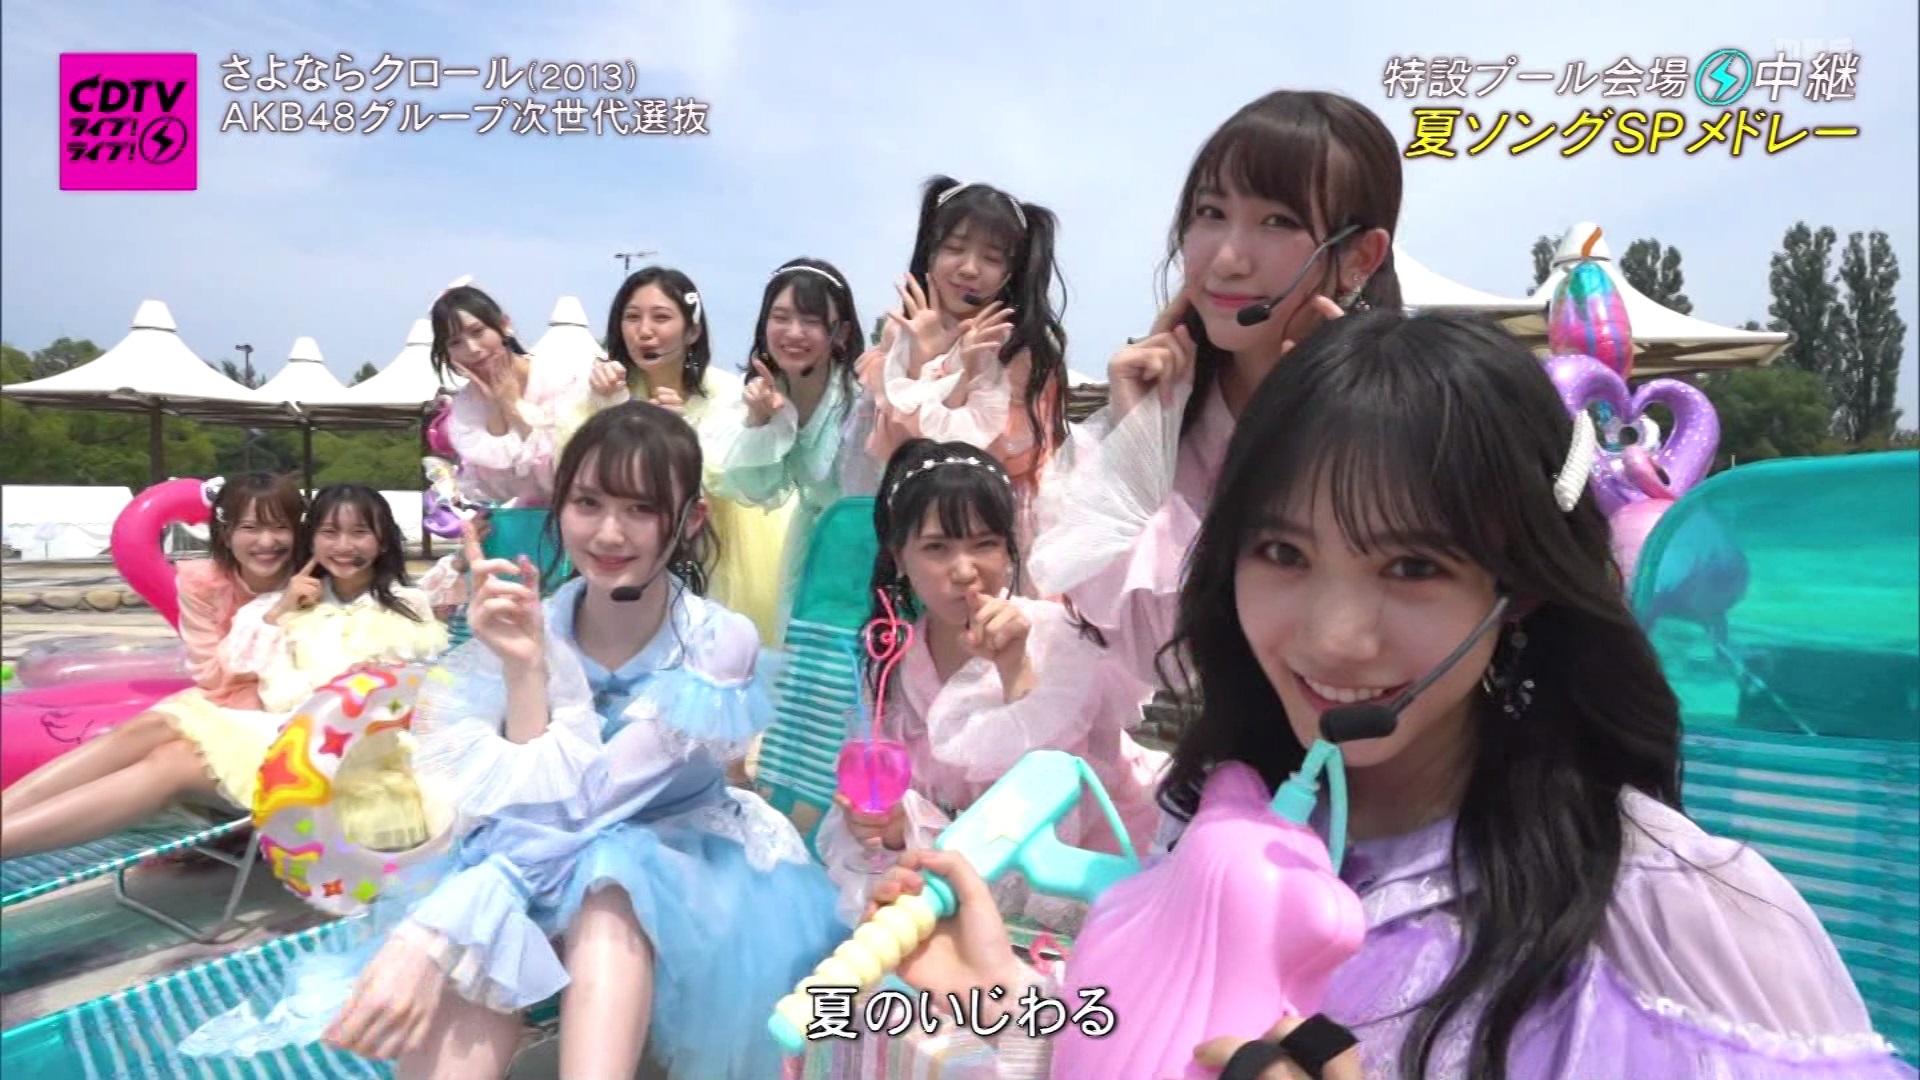 【NMB48】8月10日放送『CDTVライブライブ』の画像